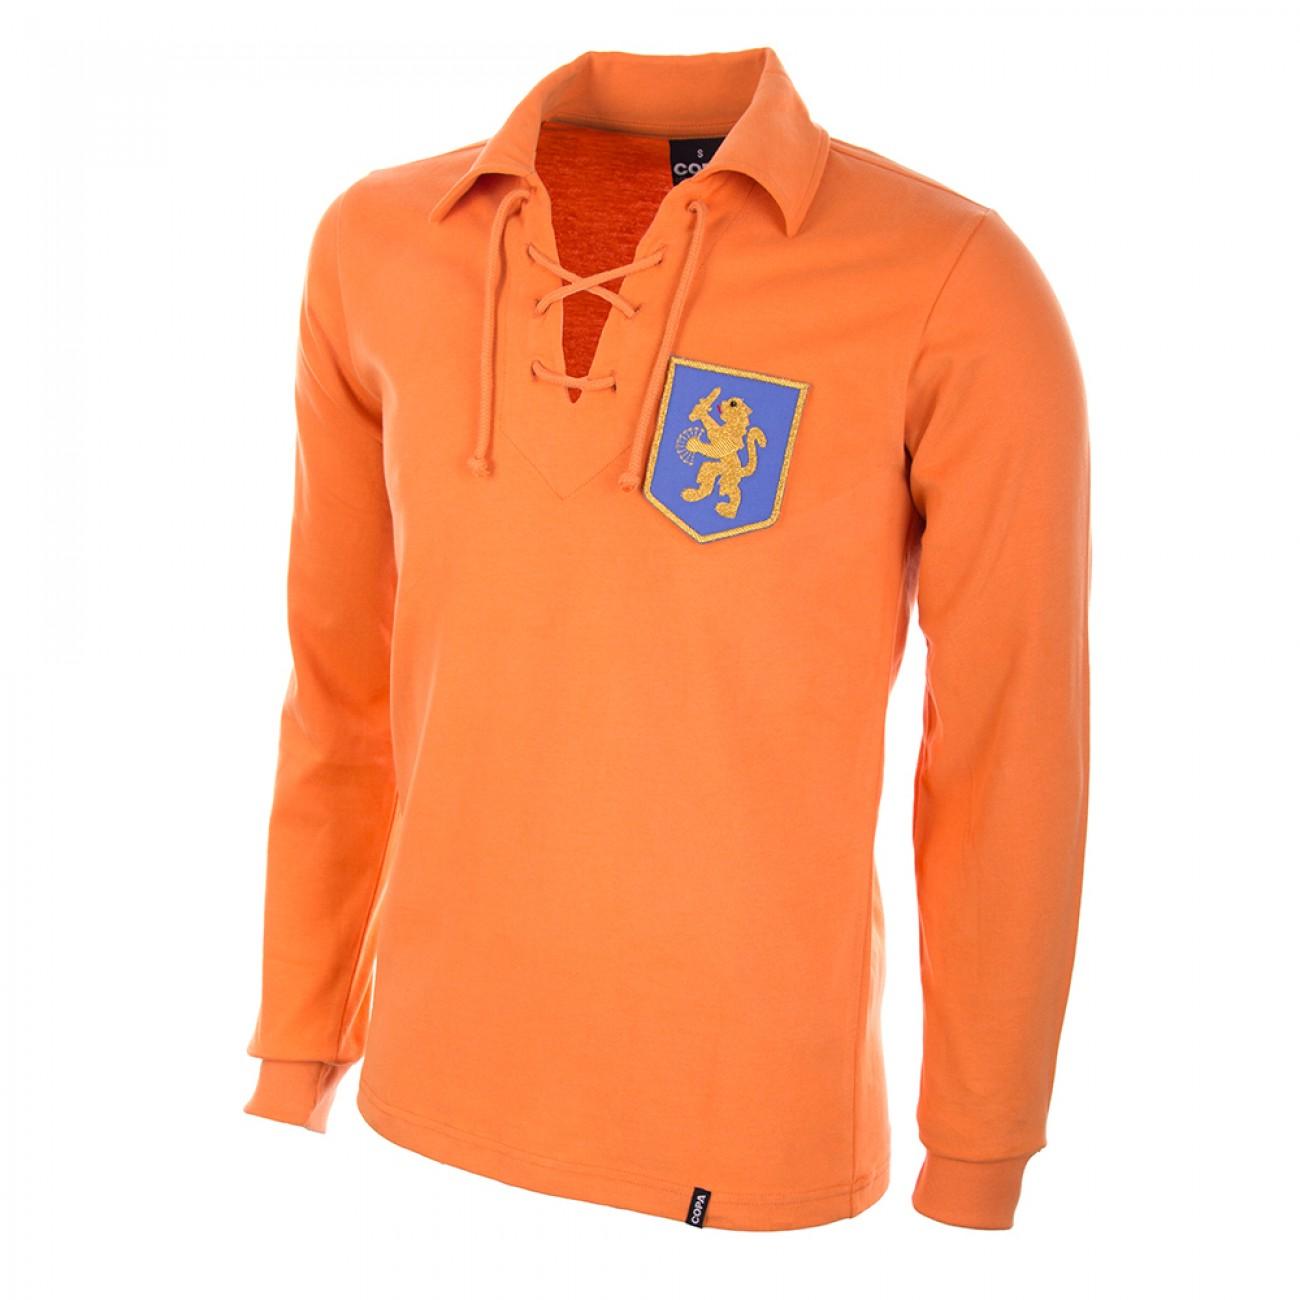 http://www.retrofootball.es/ropa-de-futbol/camiseta-holanda-a-os-50.html